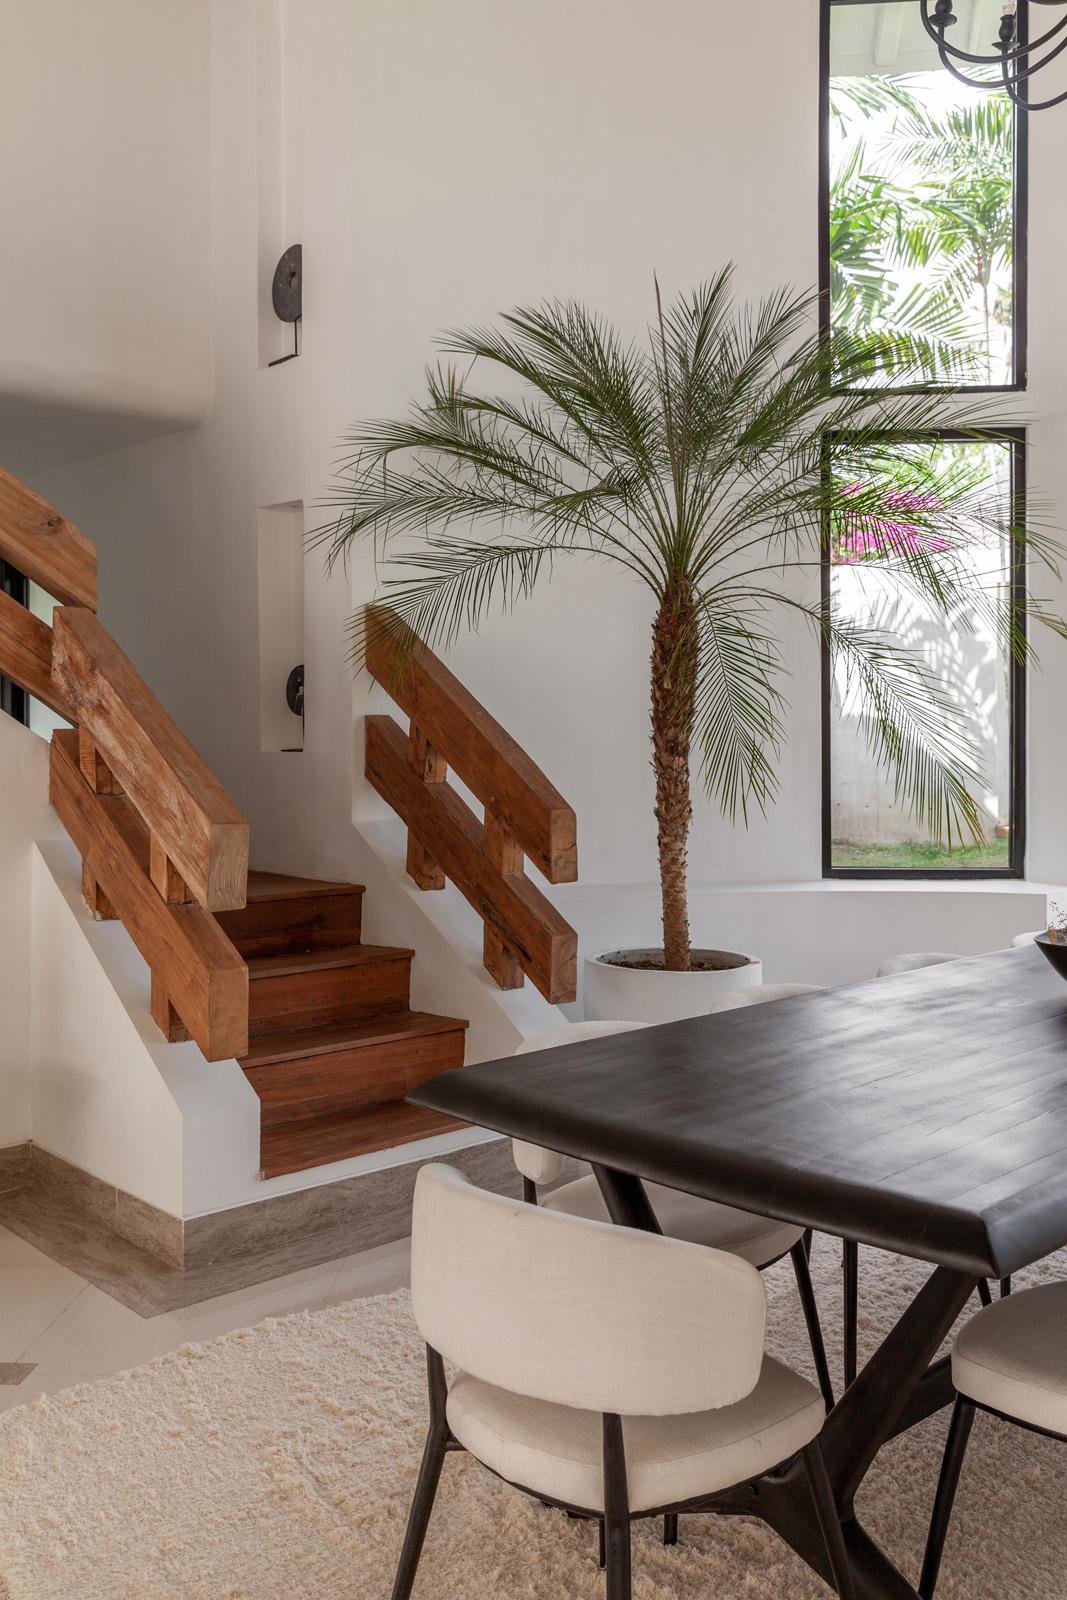 Villa Chi- Bali Interiors- Ace Studios